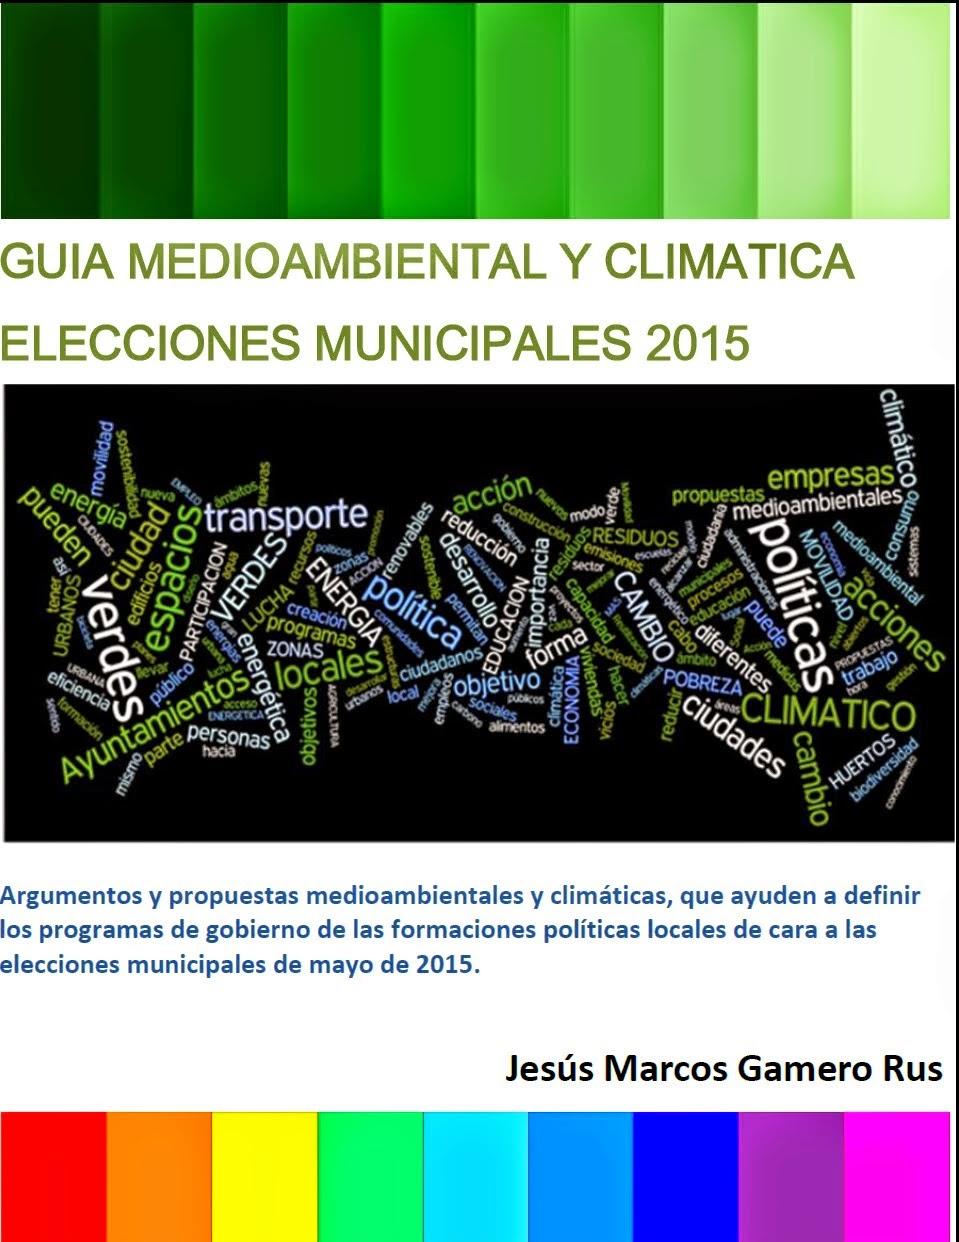 Guía Climática  2015 Elecciones Municipales